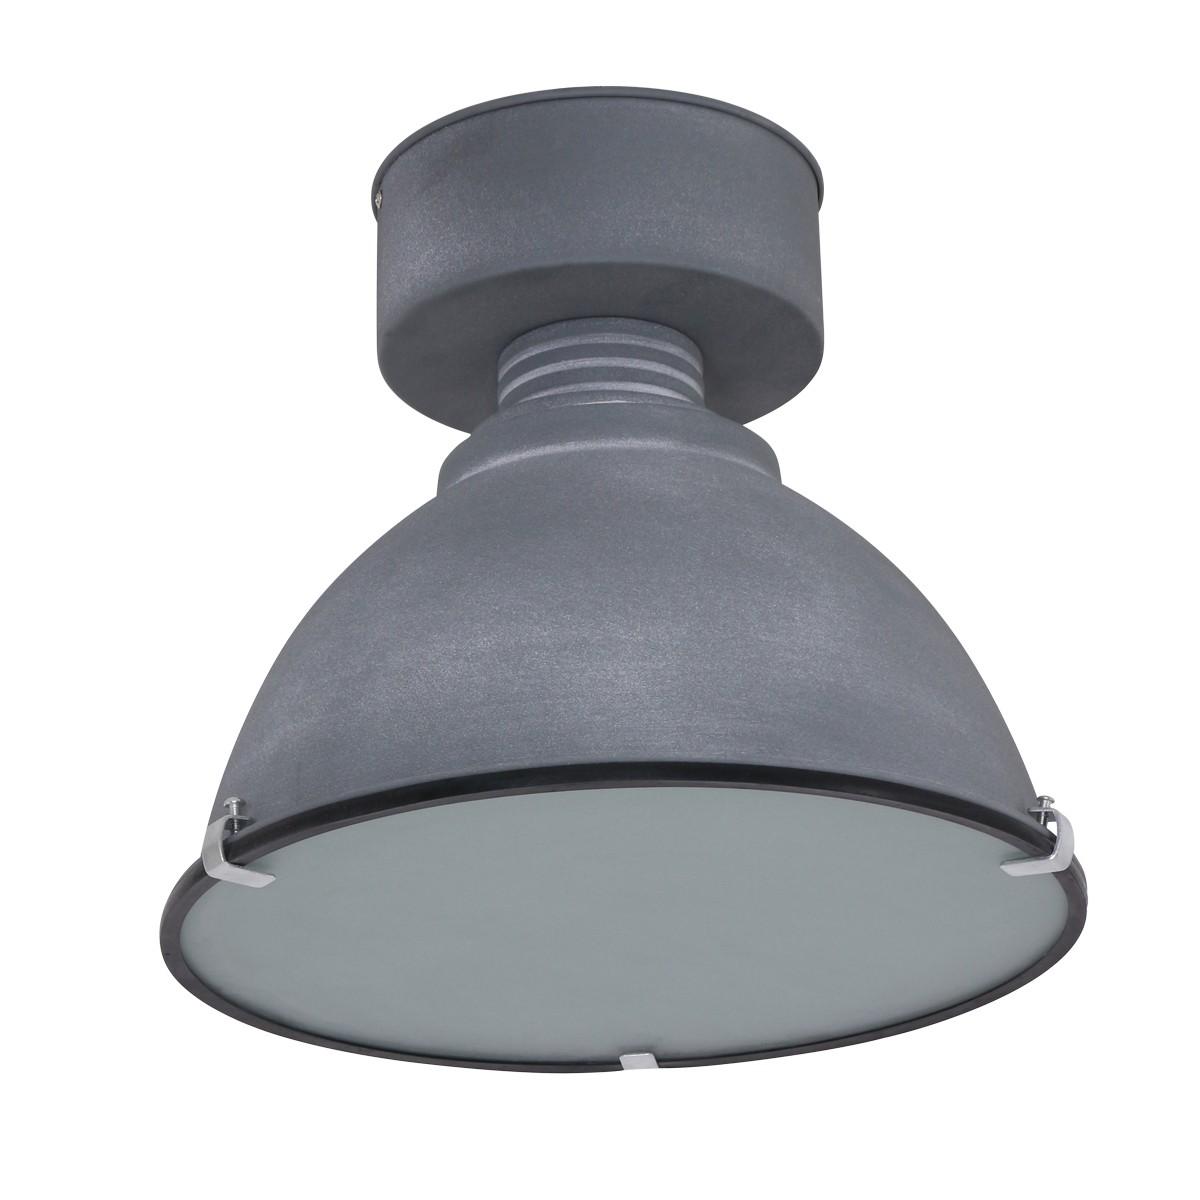 plafondlamp_betongrijs_industrieel_2__big_image